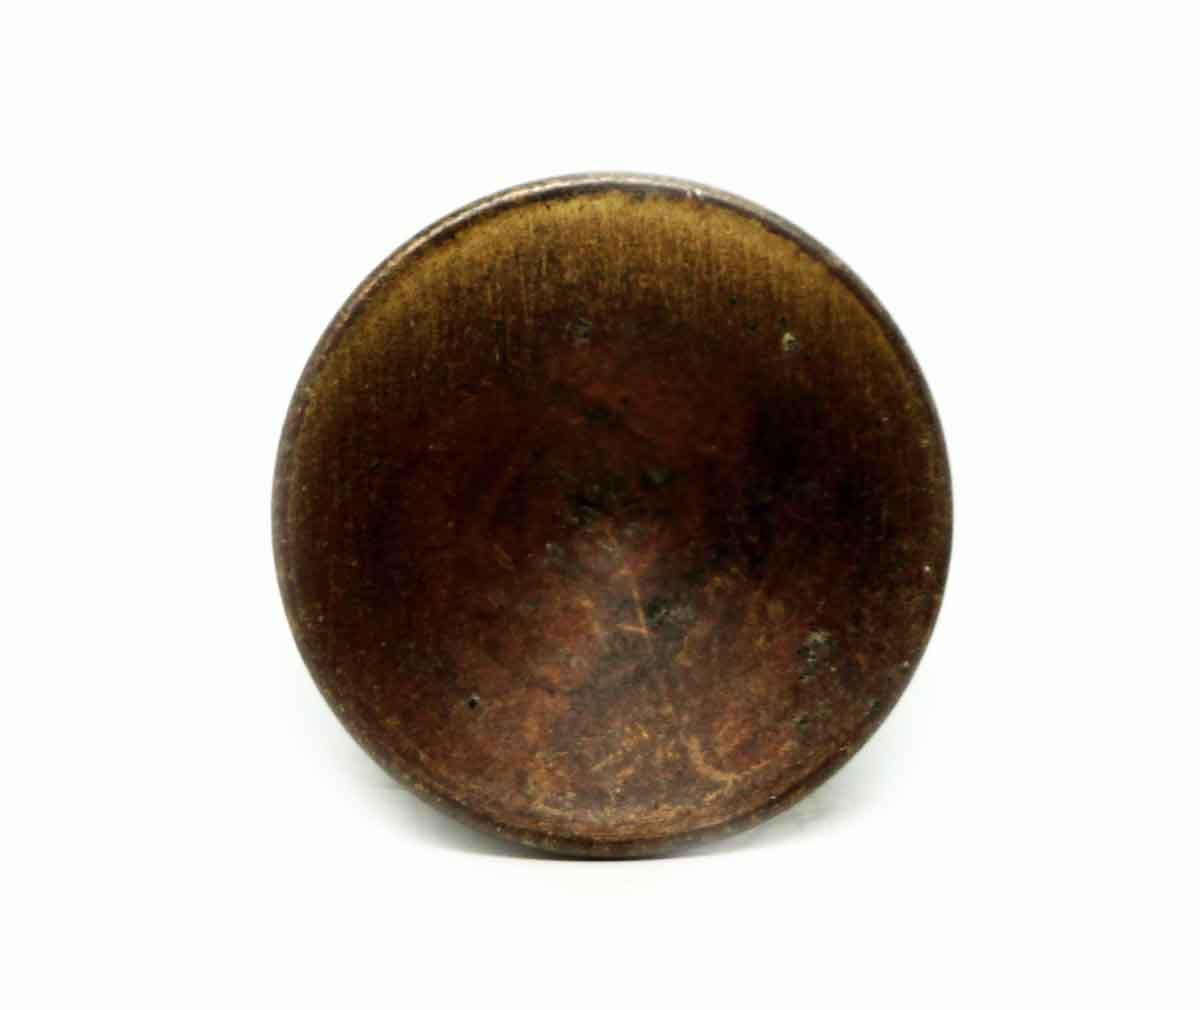 Antique Round Concave Cabinet Knob